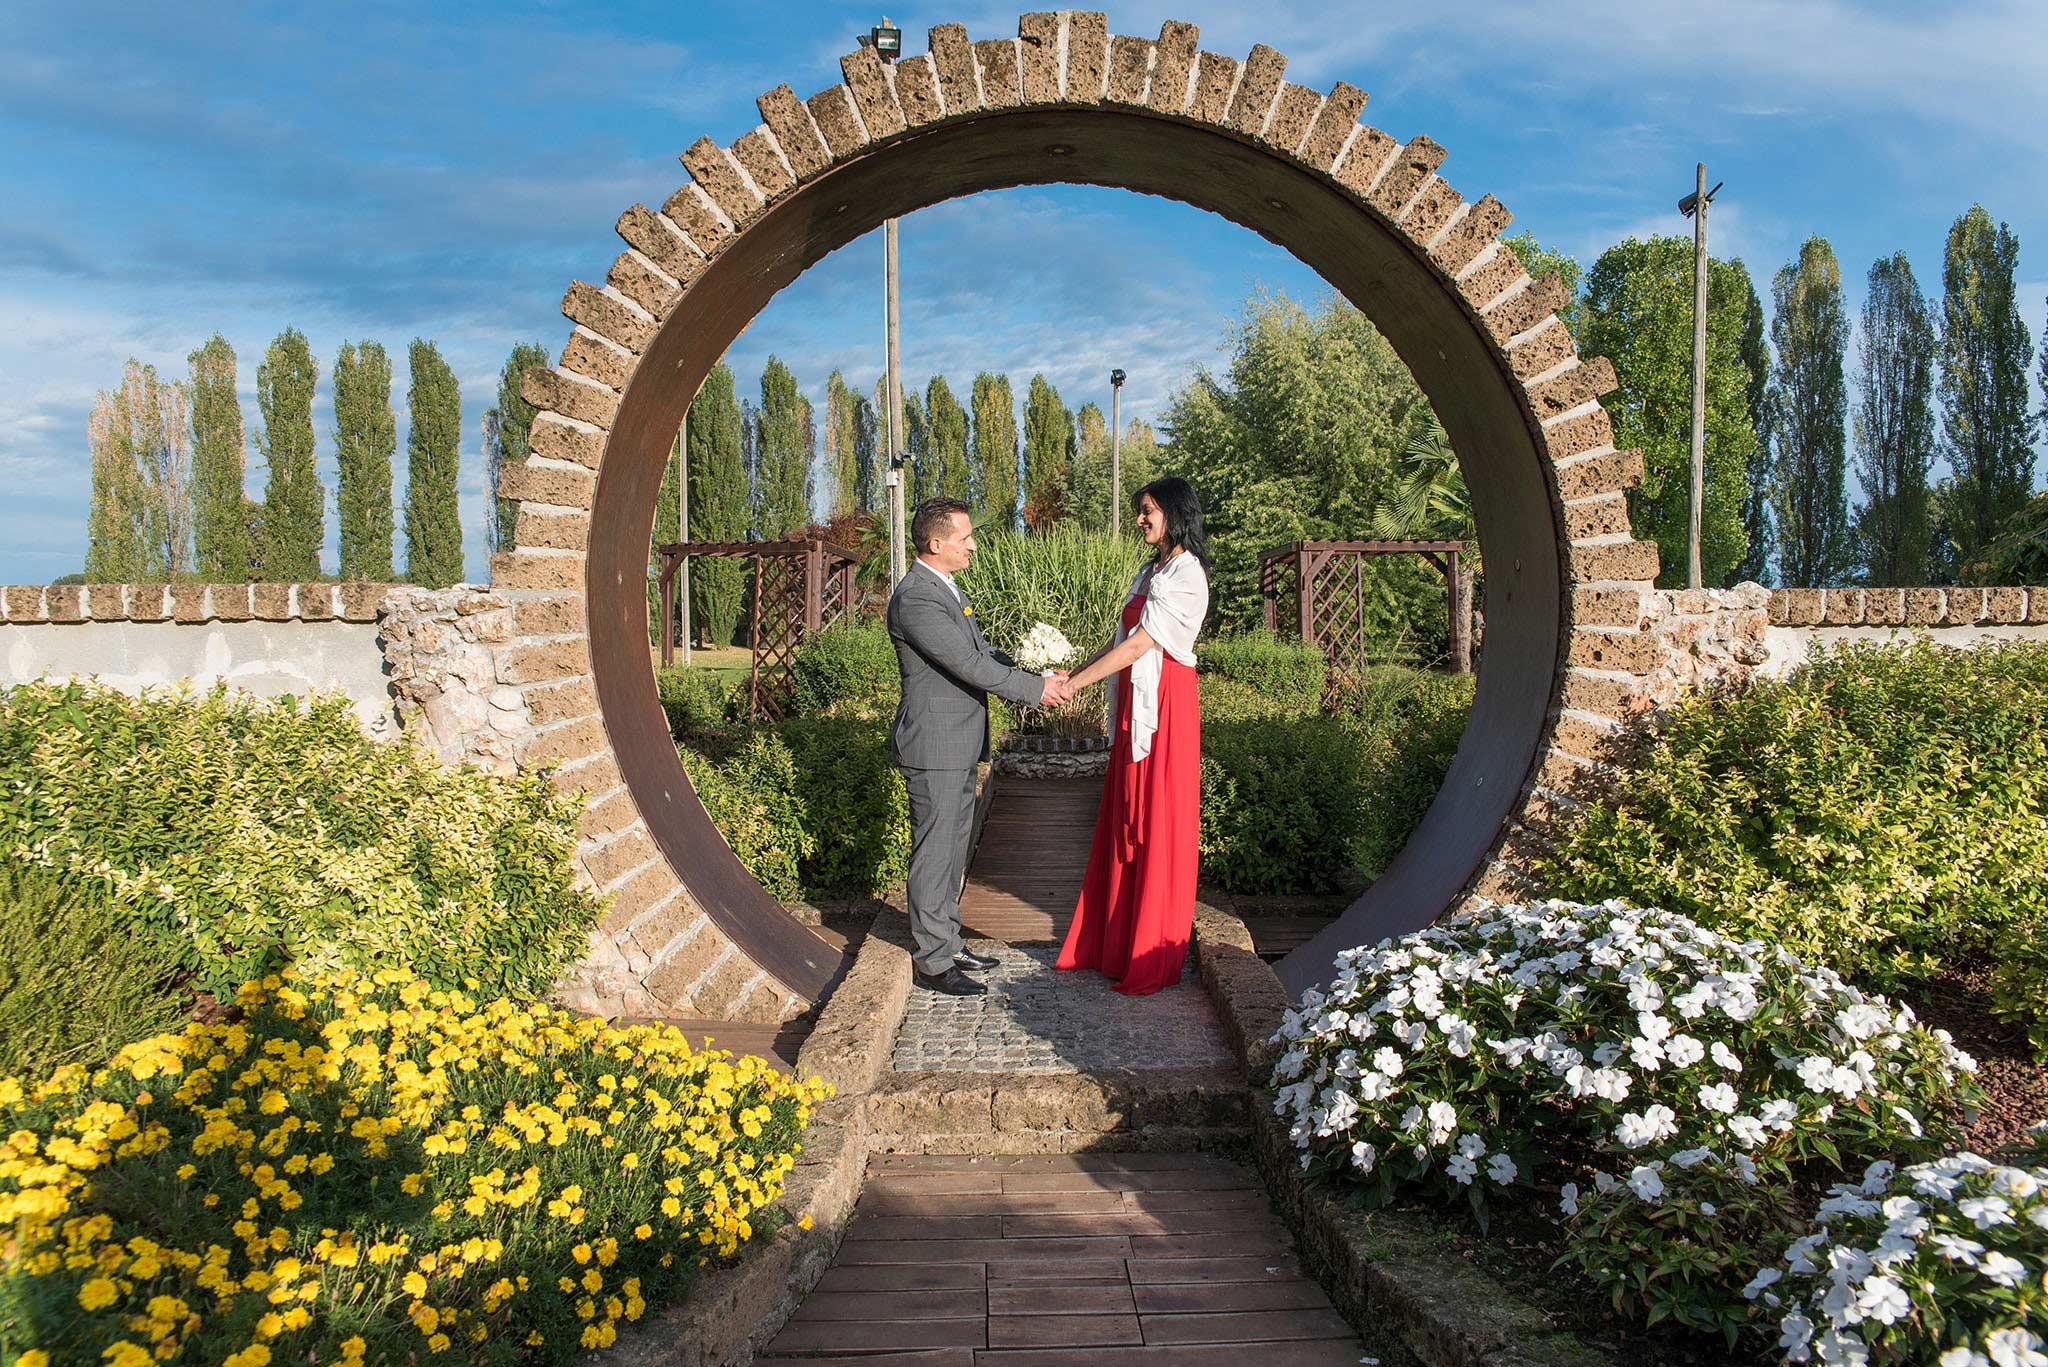 Matrimonio Bra Sonia Antonio - Wdding Matrimonio Emanuele Tibaldi Fotografo 4 - Fotografo-matrimonio-Bra - Fotografo-matrimonio-Bra